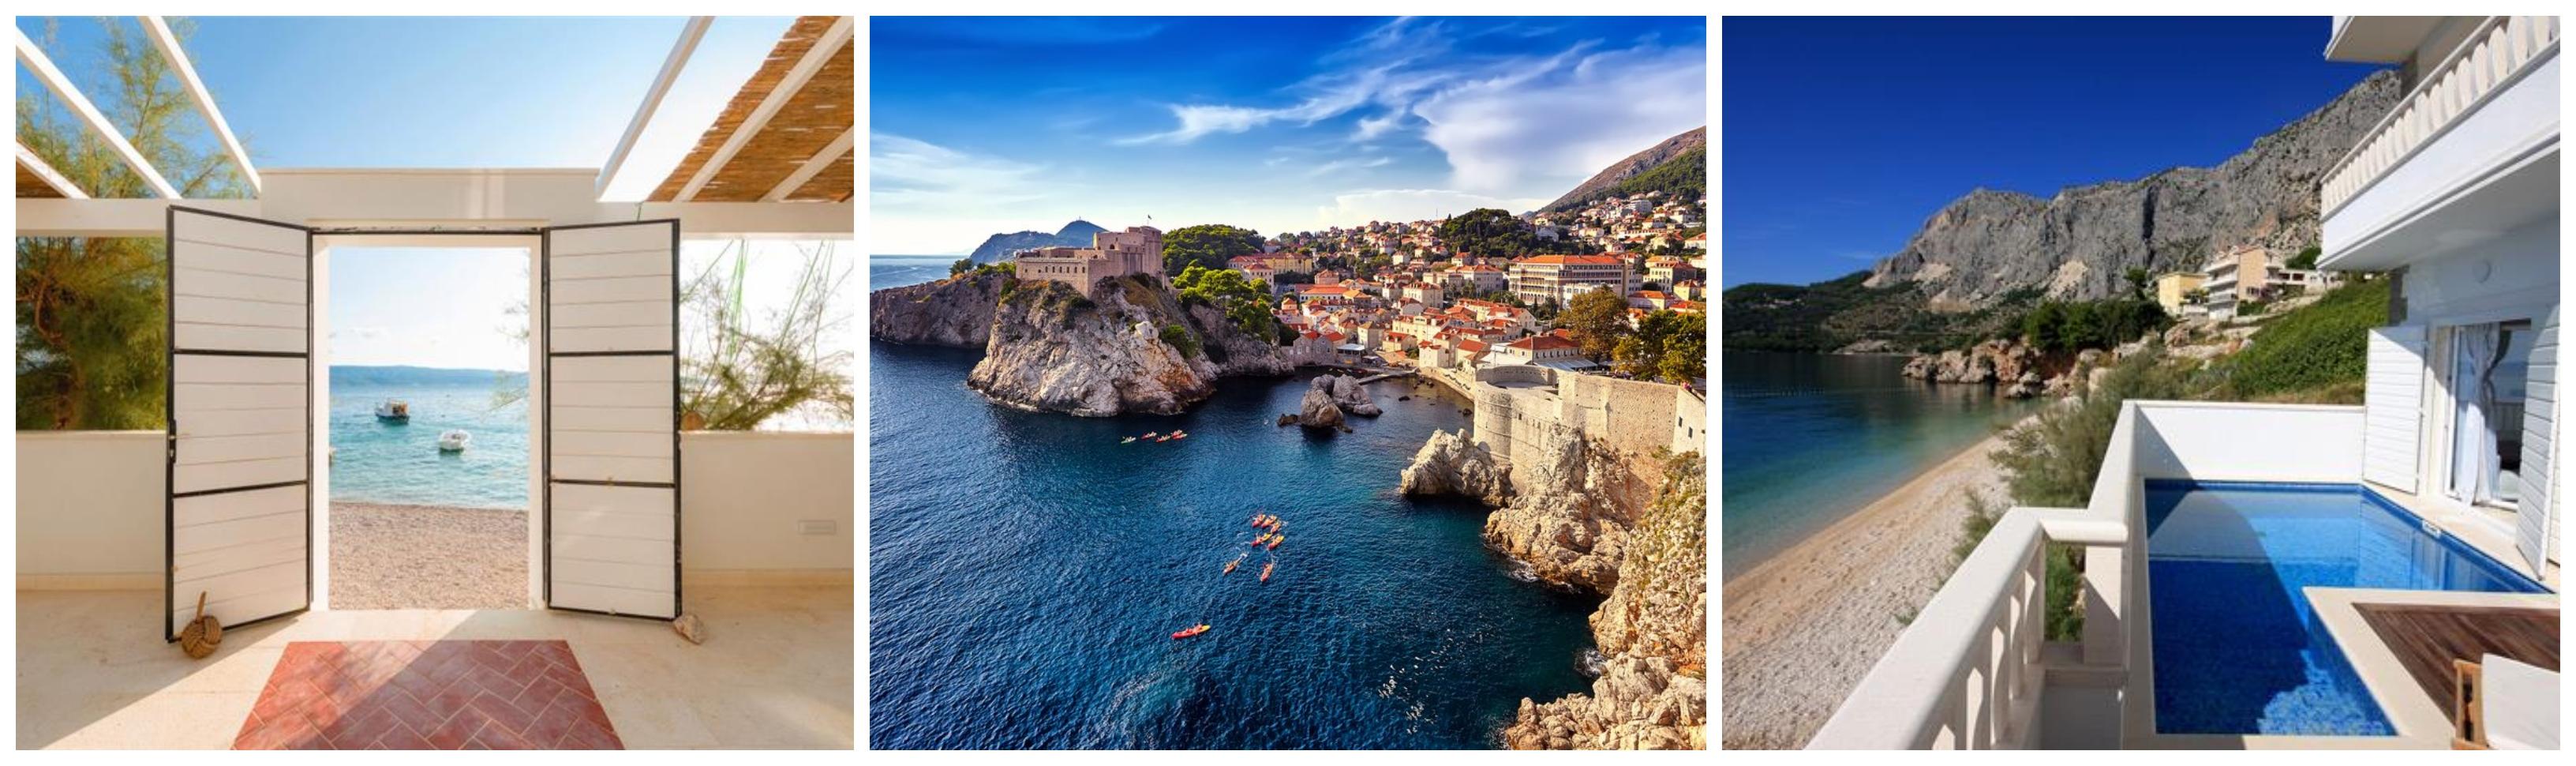 Villas in Southern Dalmatia